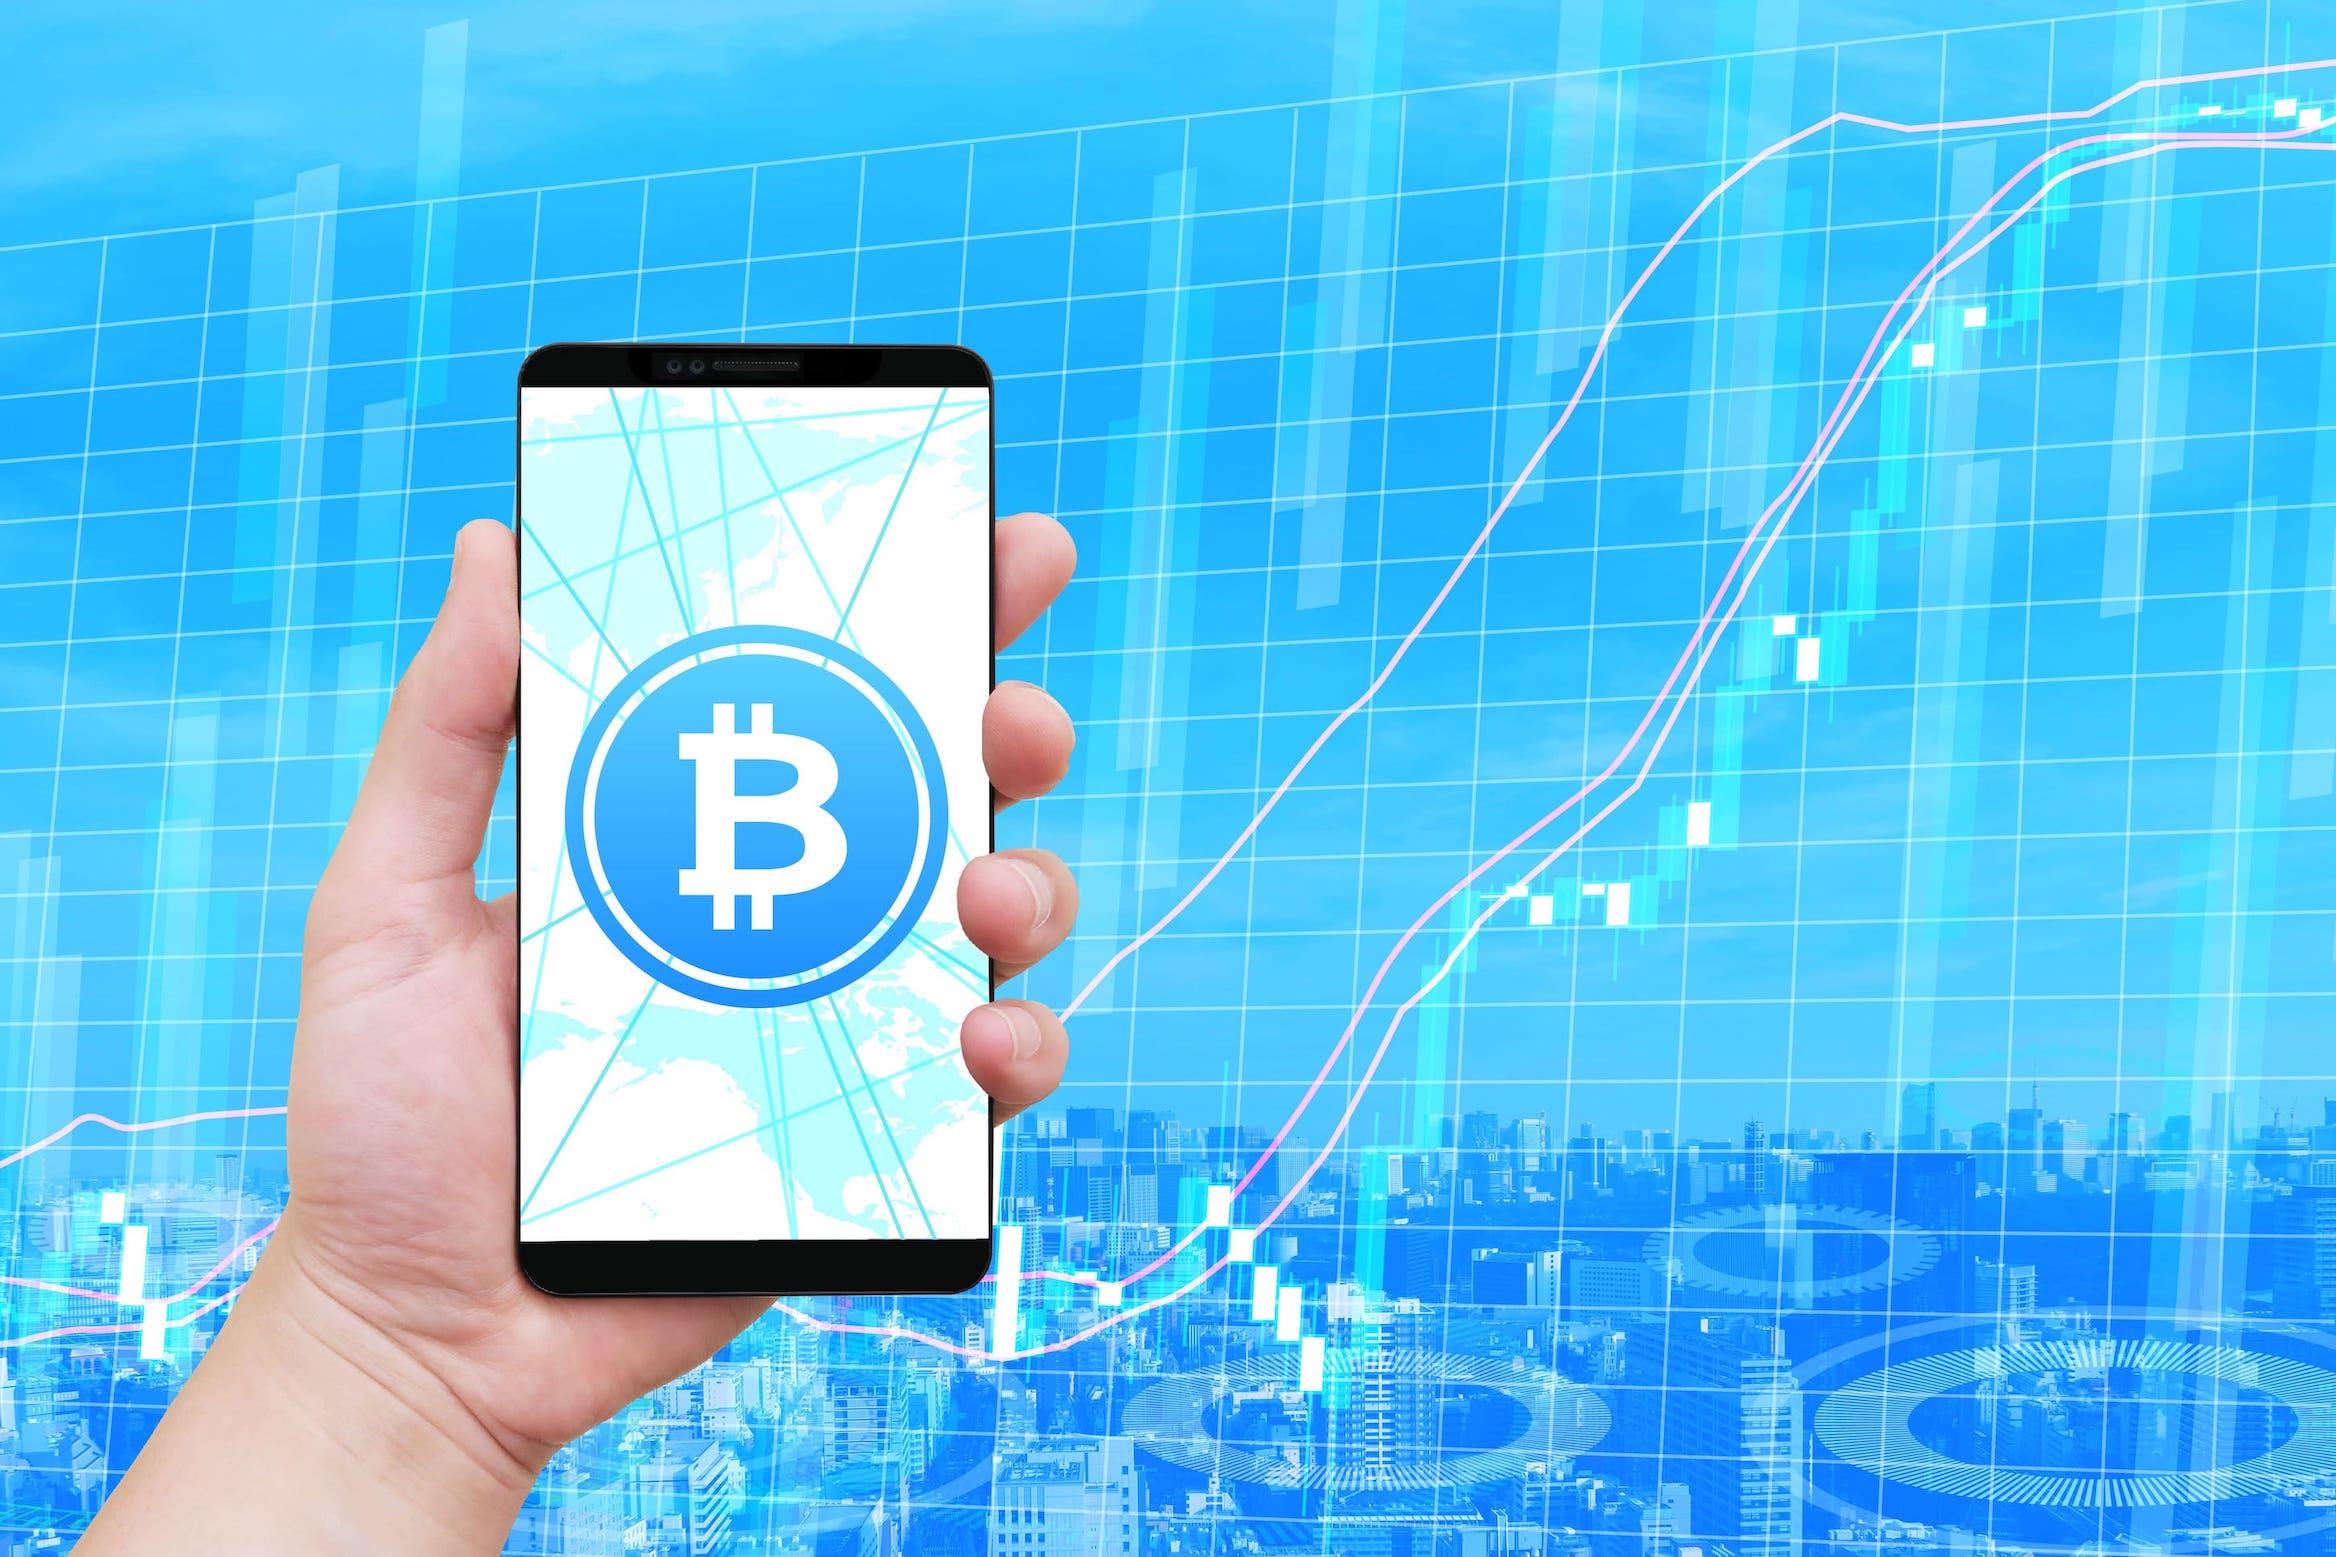 ビットコイン(Bitcoin/BTC)にあるリスクとは?やっておくべき対策は?